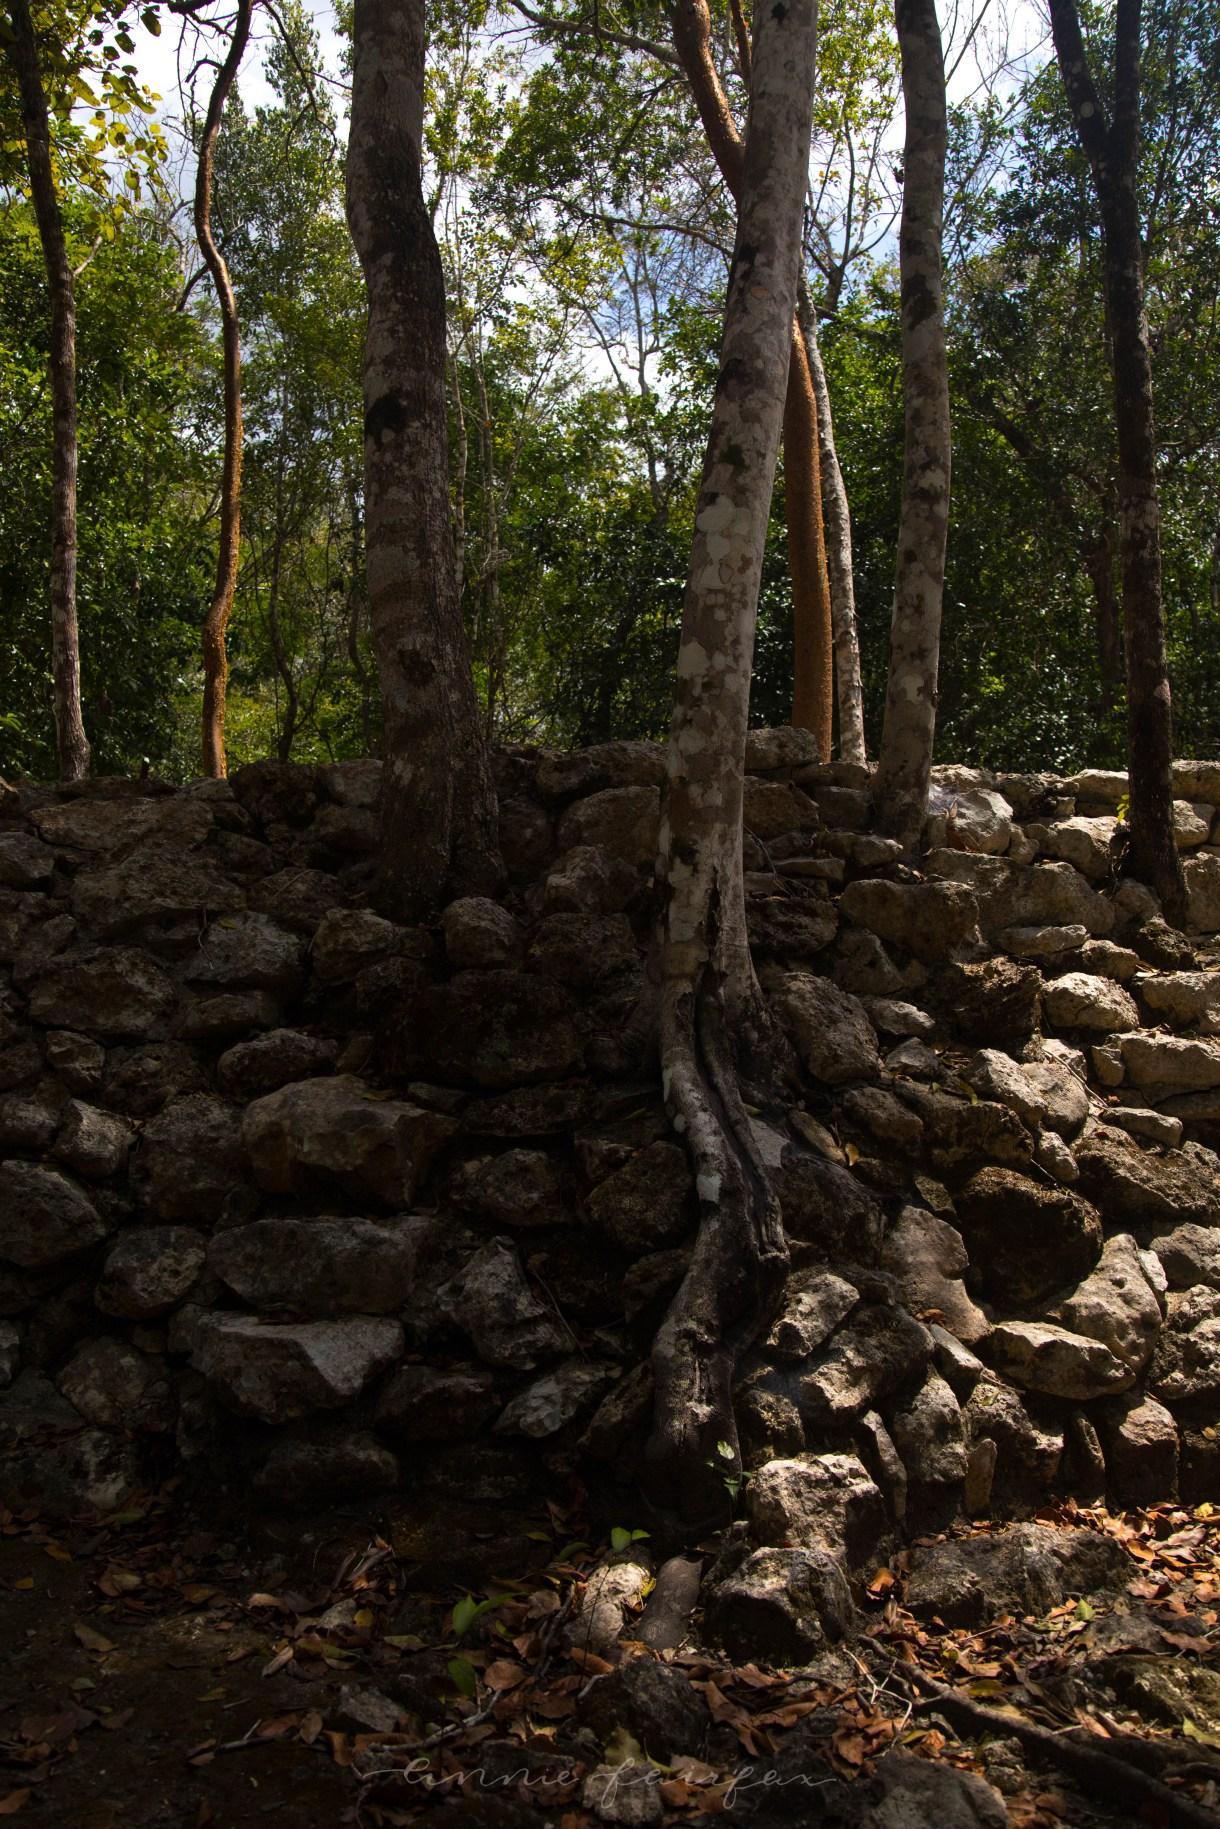 Exploring the Ancient Mayan Ruins of Cobá in Quinatana Roo, Mexico (Yucatán Peninsula)